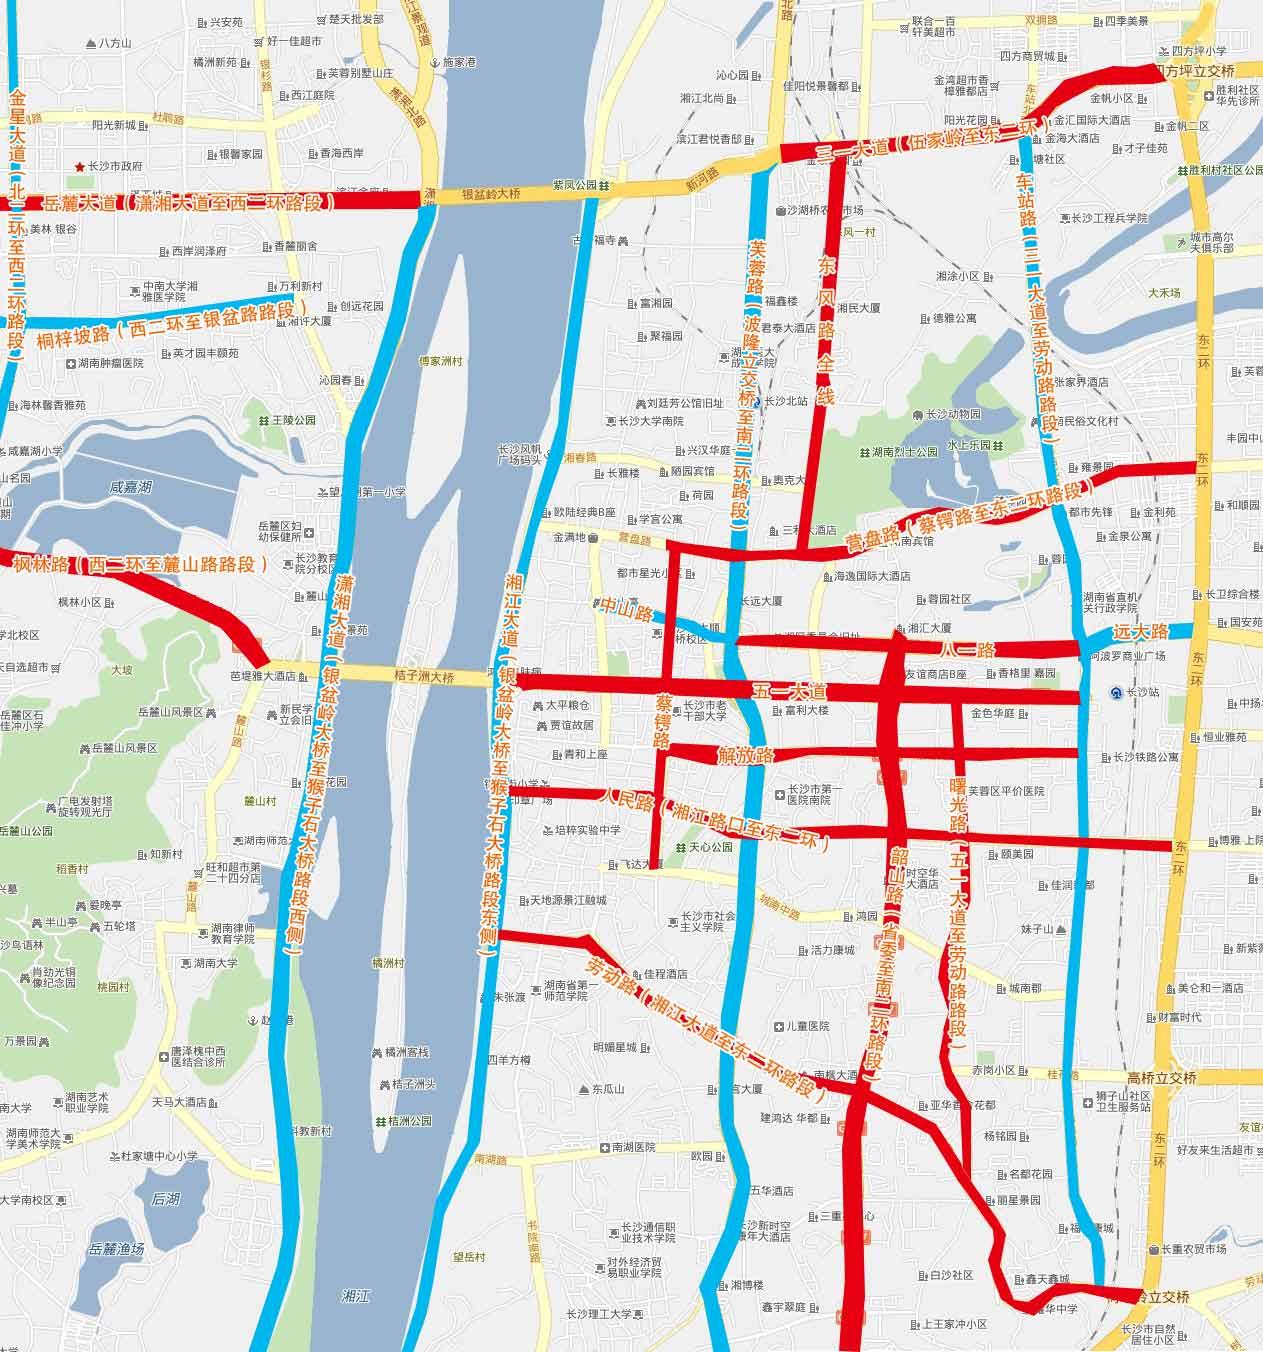 怎么泊车请看这张地图   【禁停第二波】:长沙禁停路段增7条 陆续出现